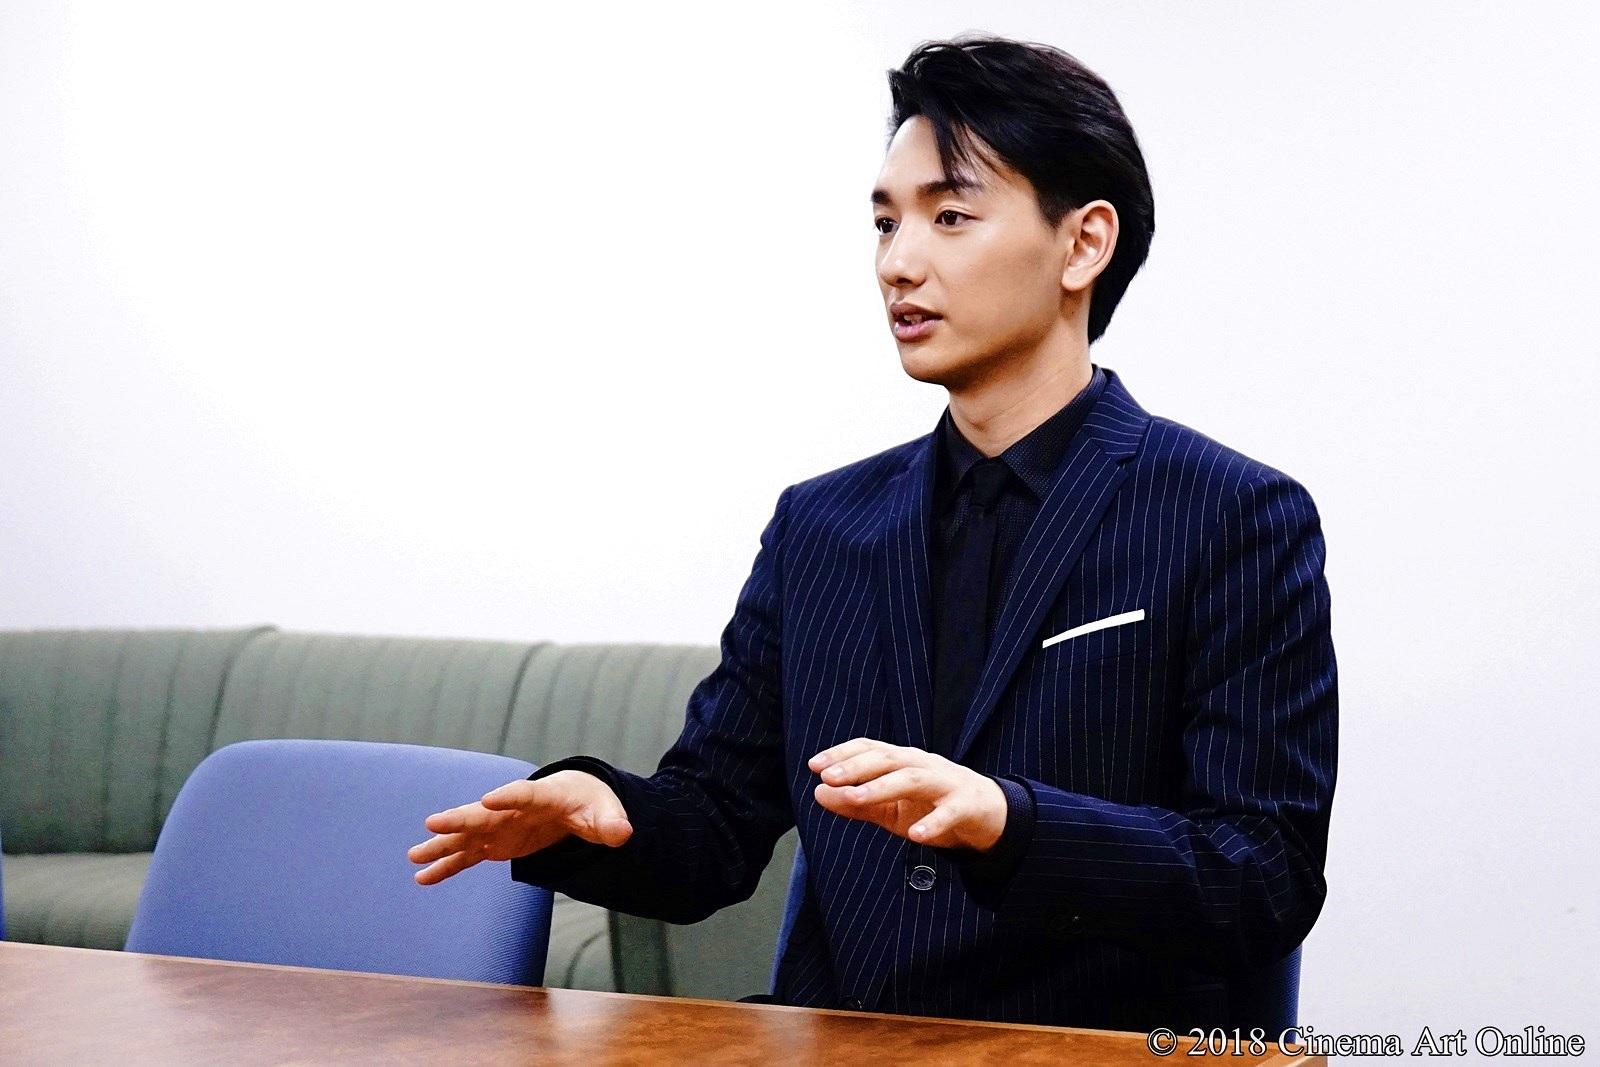 【写真】映画『ミッドナイトバス』七瀬公インタビュー